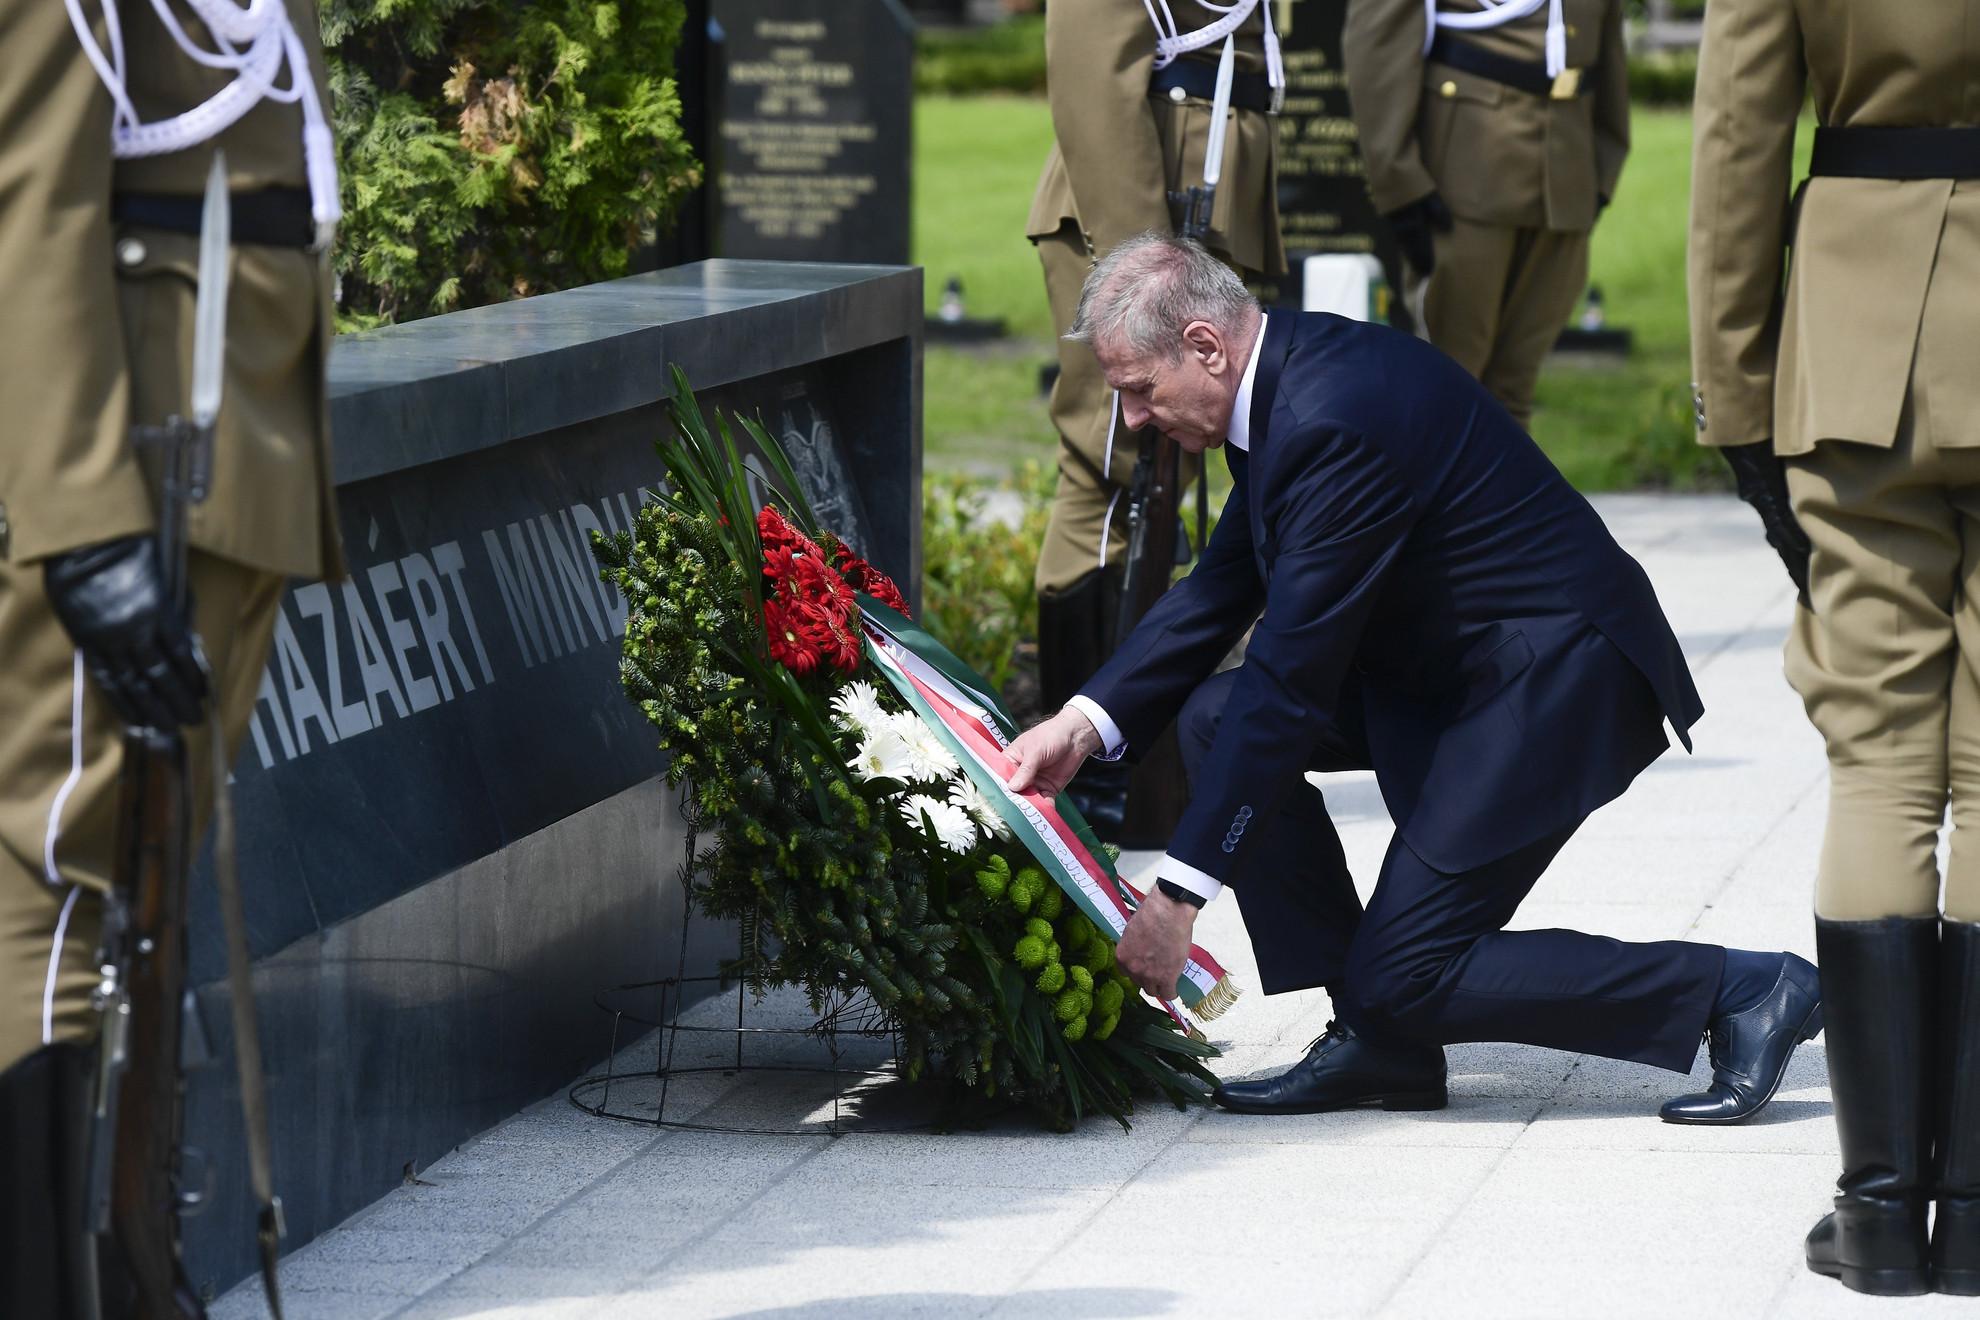 Benkő Tibor honvédelmi miniszter koszorút helyez el a megújult Hősök parcellájának avatásán a Fiumei úti sírkert 52. parcellájában 2021. május 30-án